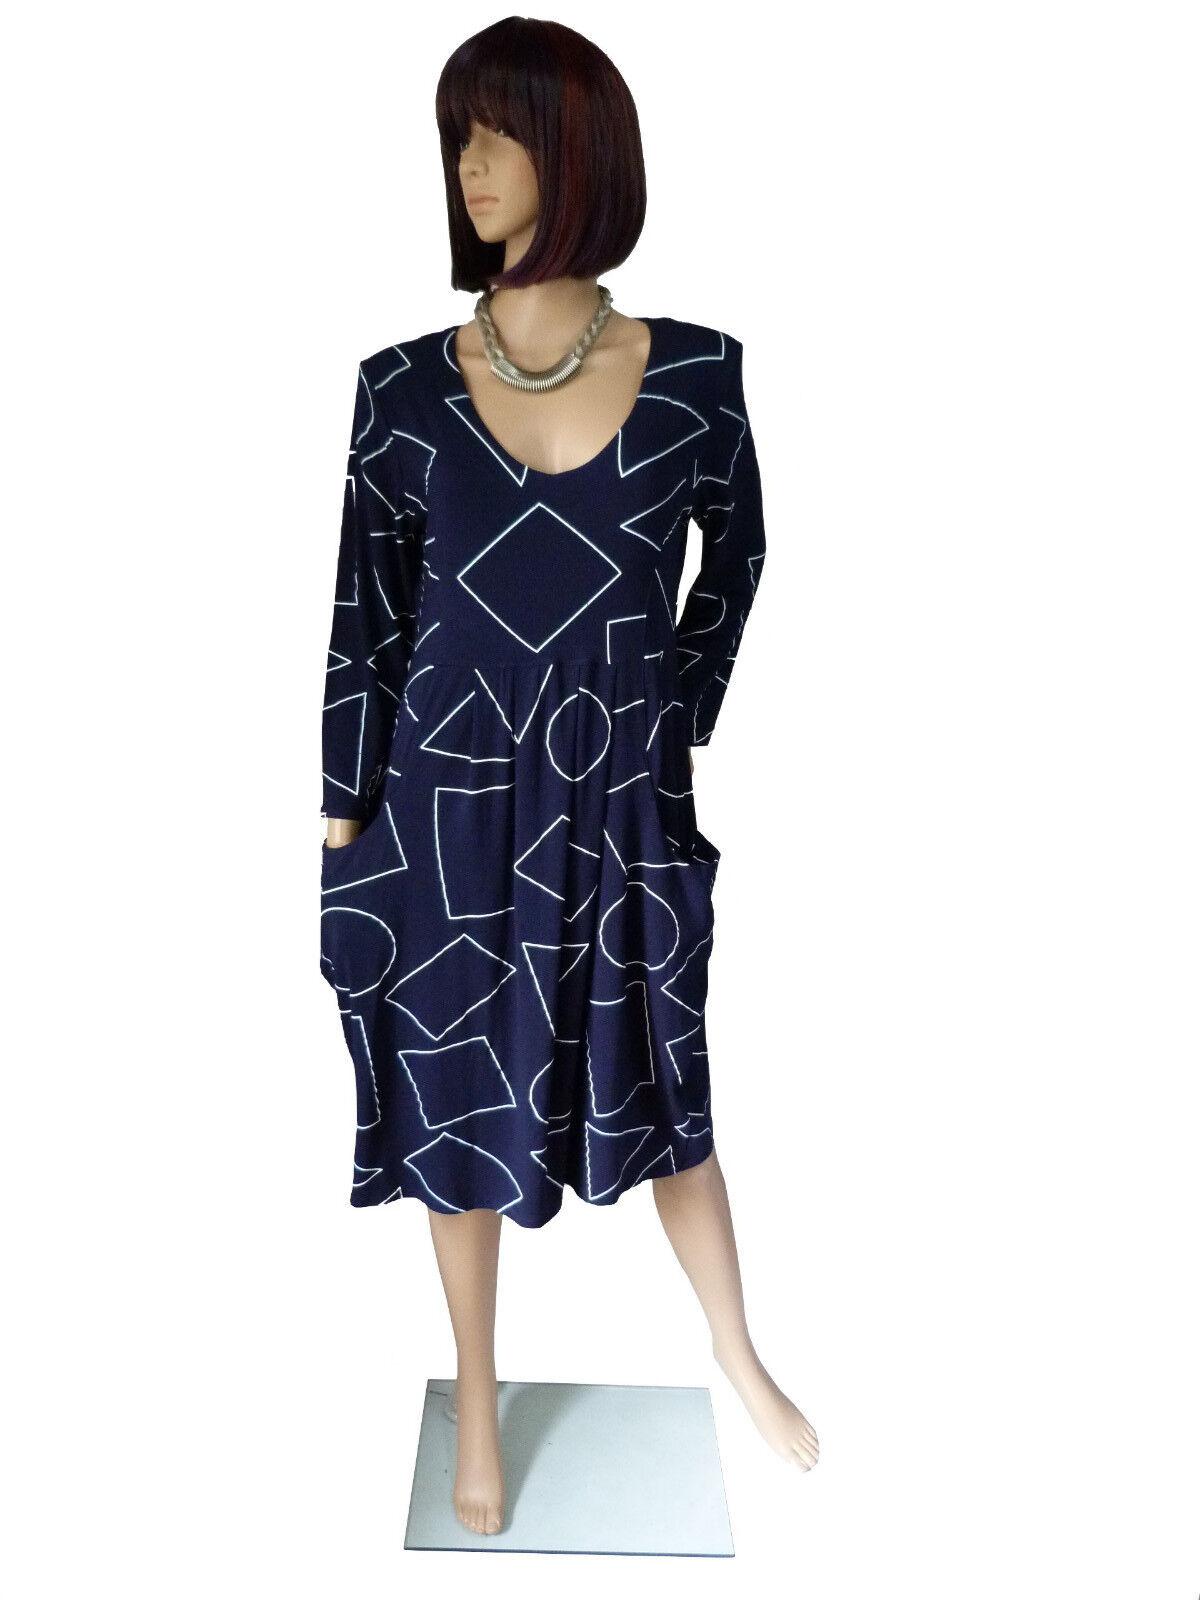 M L XL XXL XXXL  NEW JERSEY Feminines Kleid Jerseykleid figurfreundlich Marine